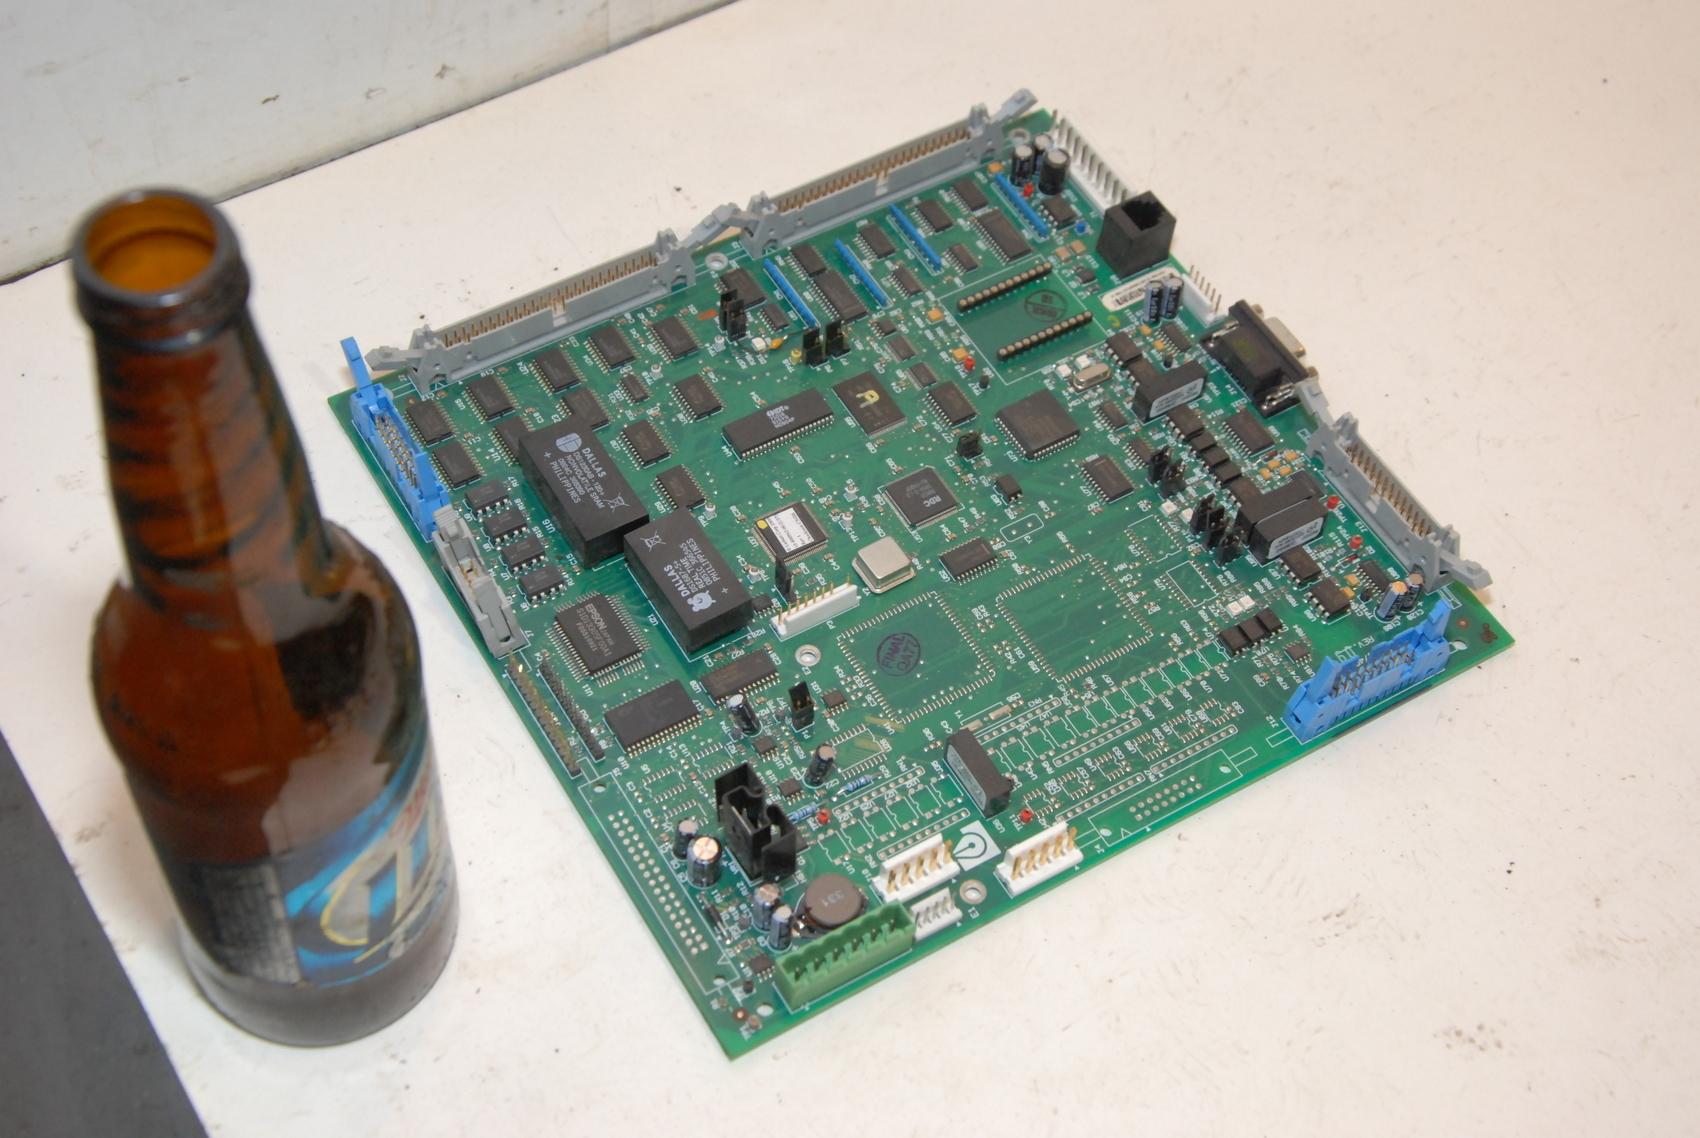 Liebert Emerson assy 02-797490-00 Rev.12 Circuit Board